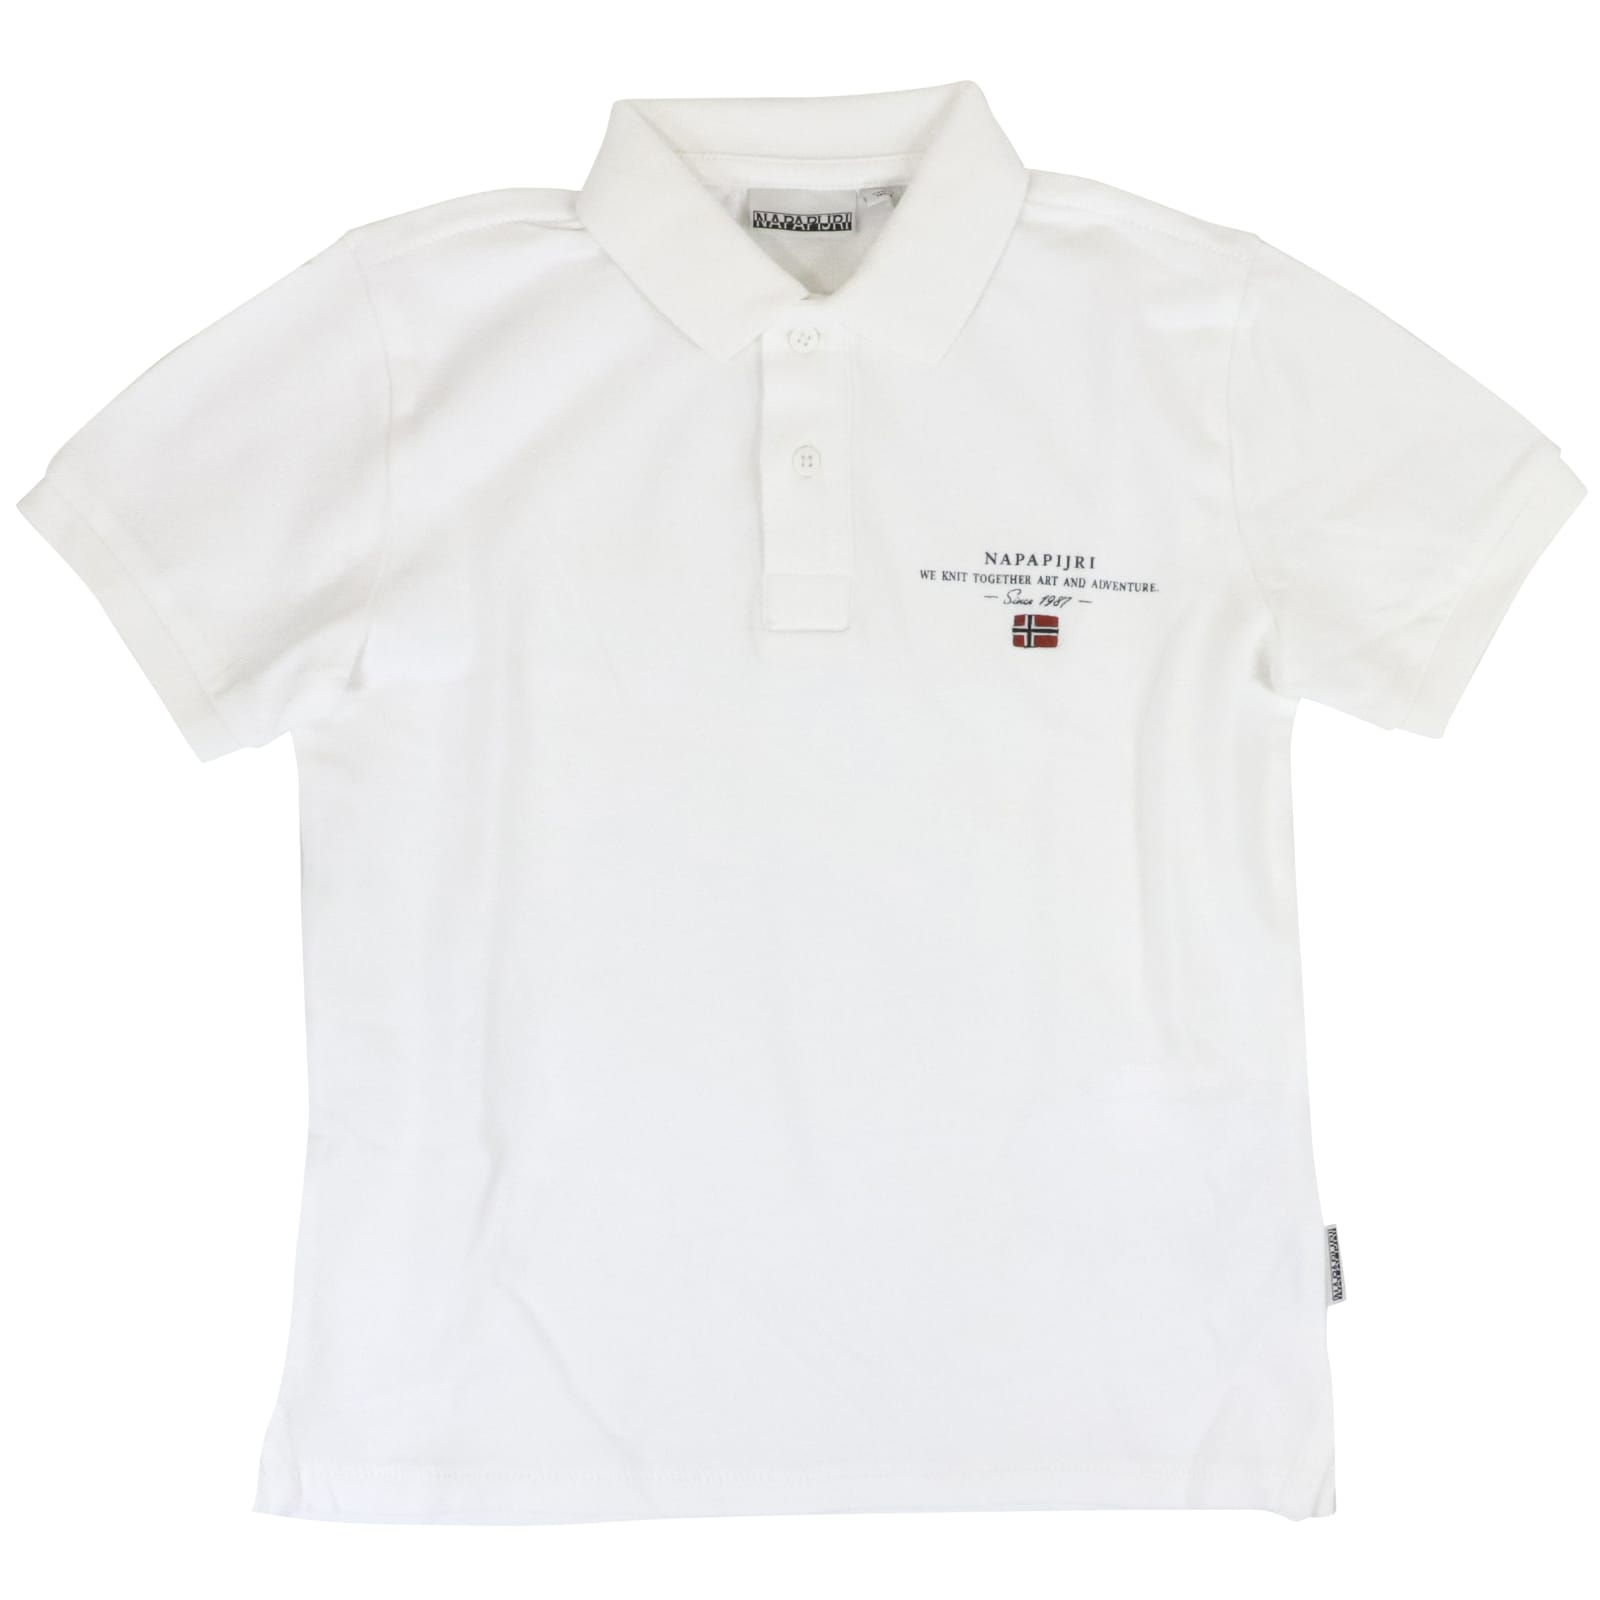 Napapijri Cotton Polo